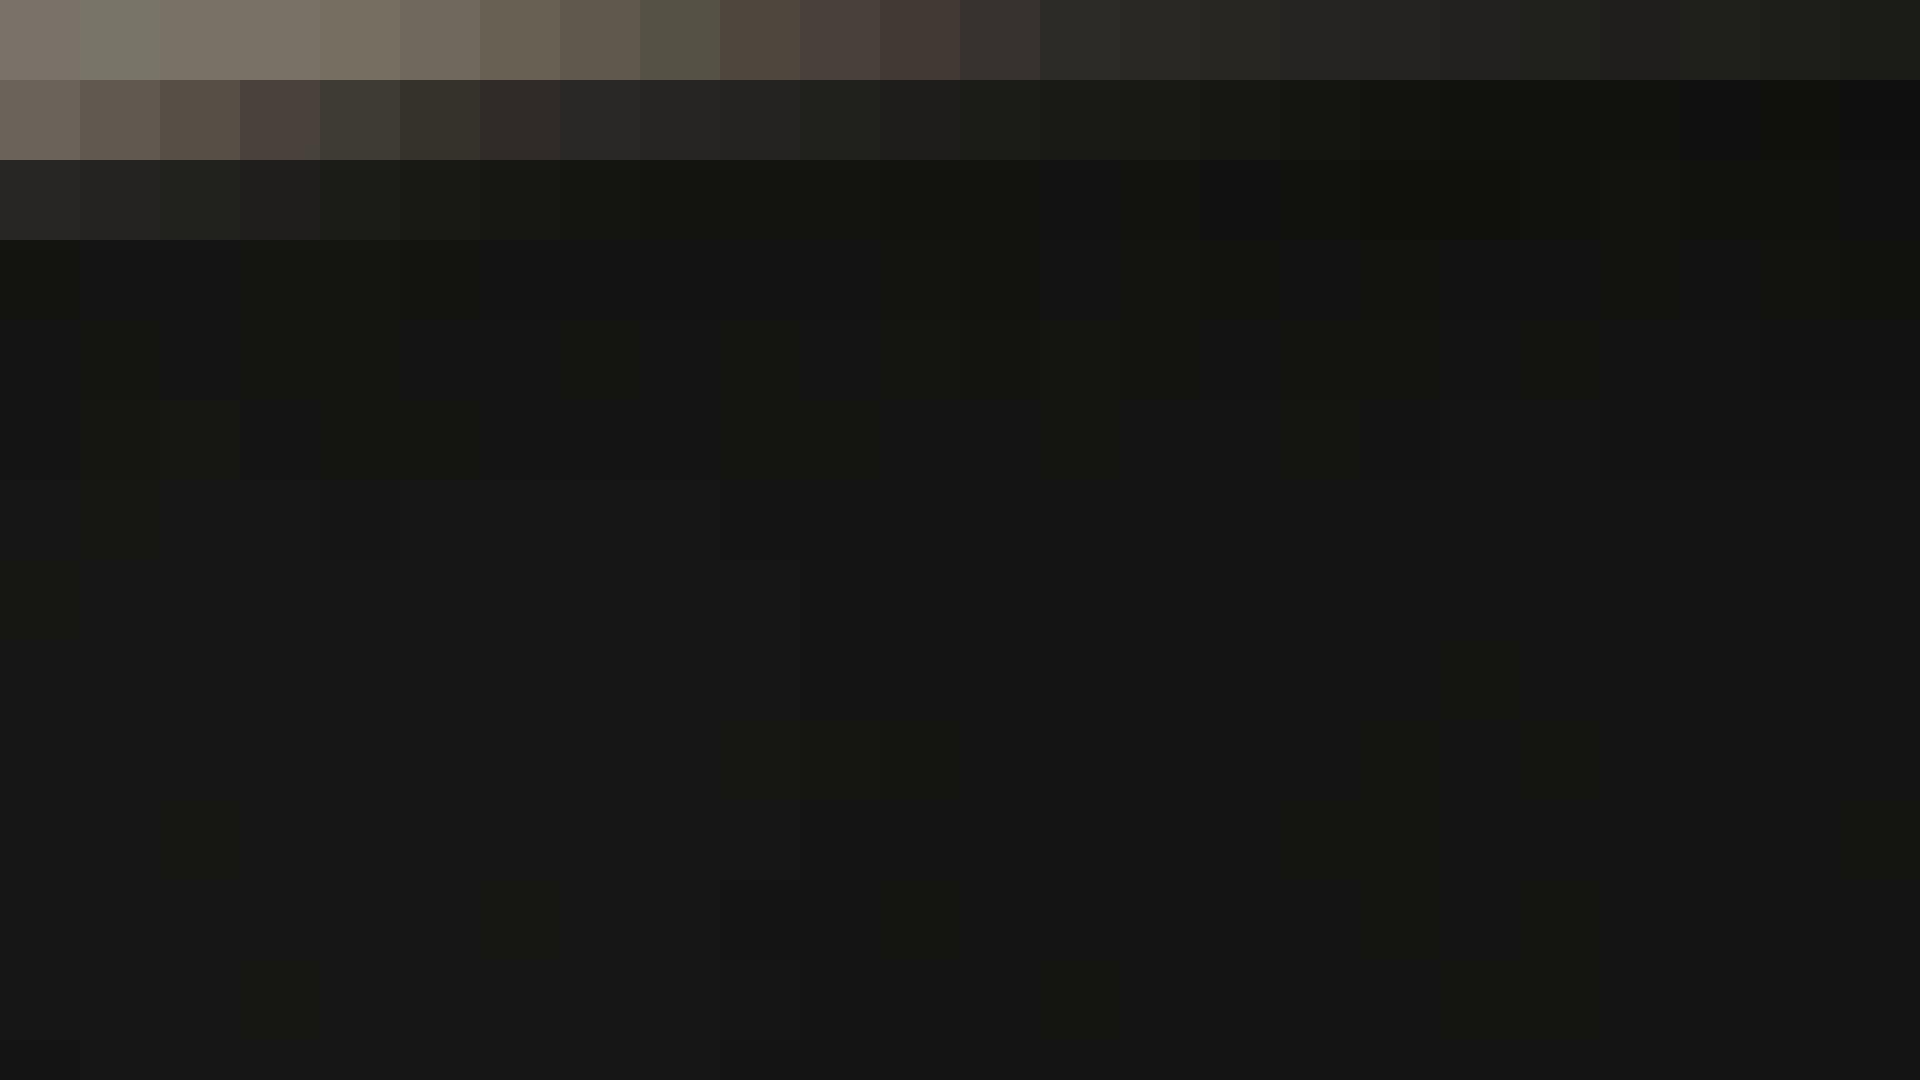 世界の射窓から ステーション編 vol.18 ゴン太 推定600g超過 エッチすぎるOL達 | 0  87連発 57